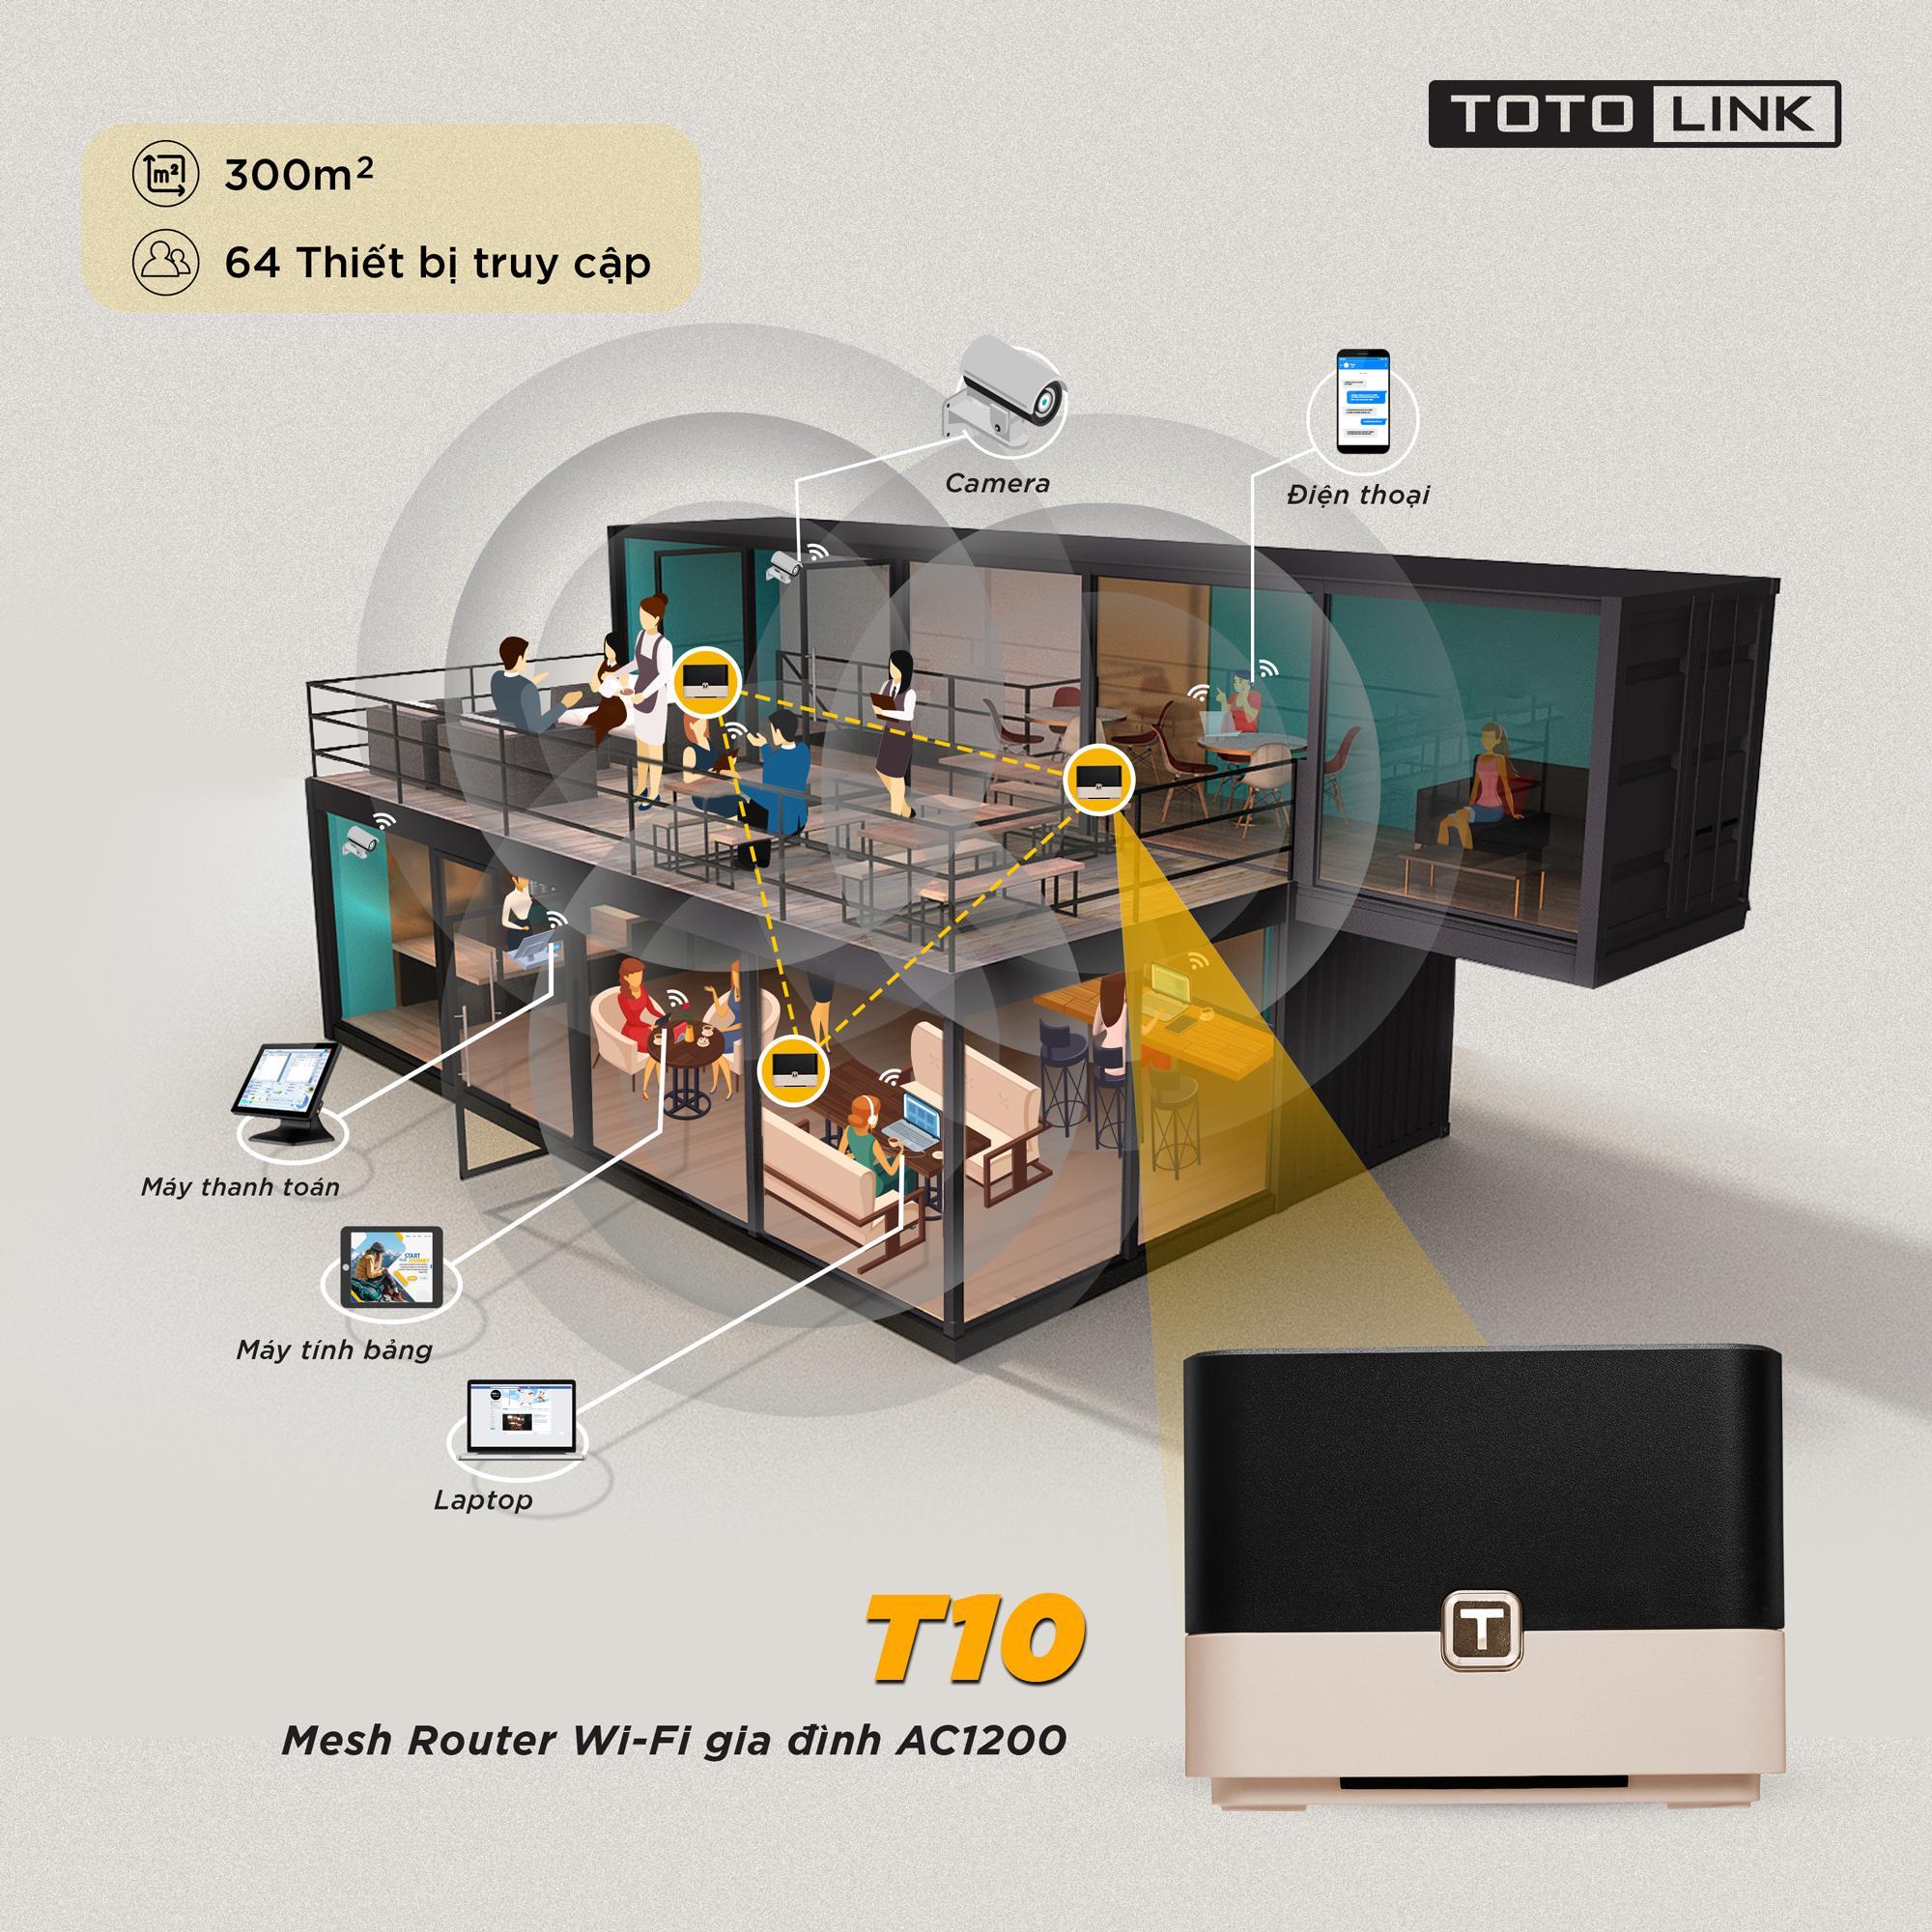 Giải pháp mesh wifi cho quán cafe diện tích rộng, khách sạn, văn phòng...